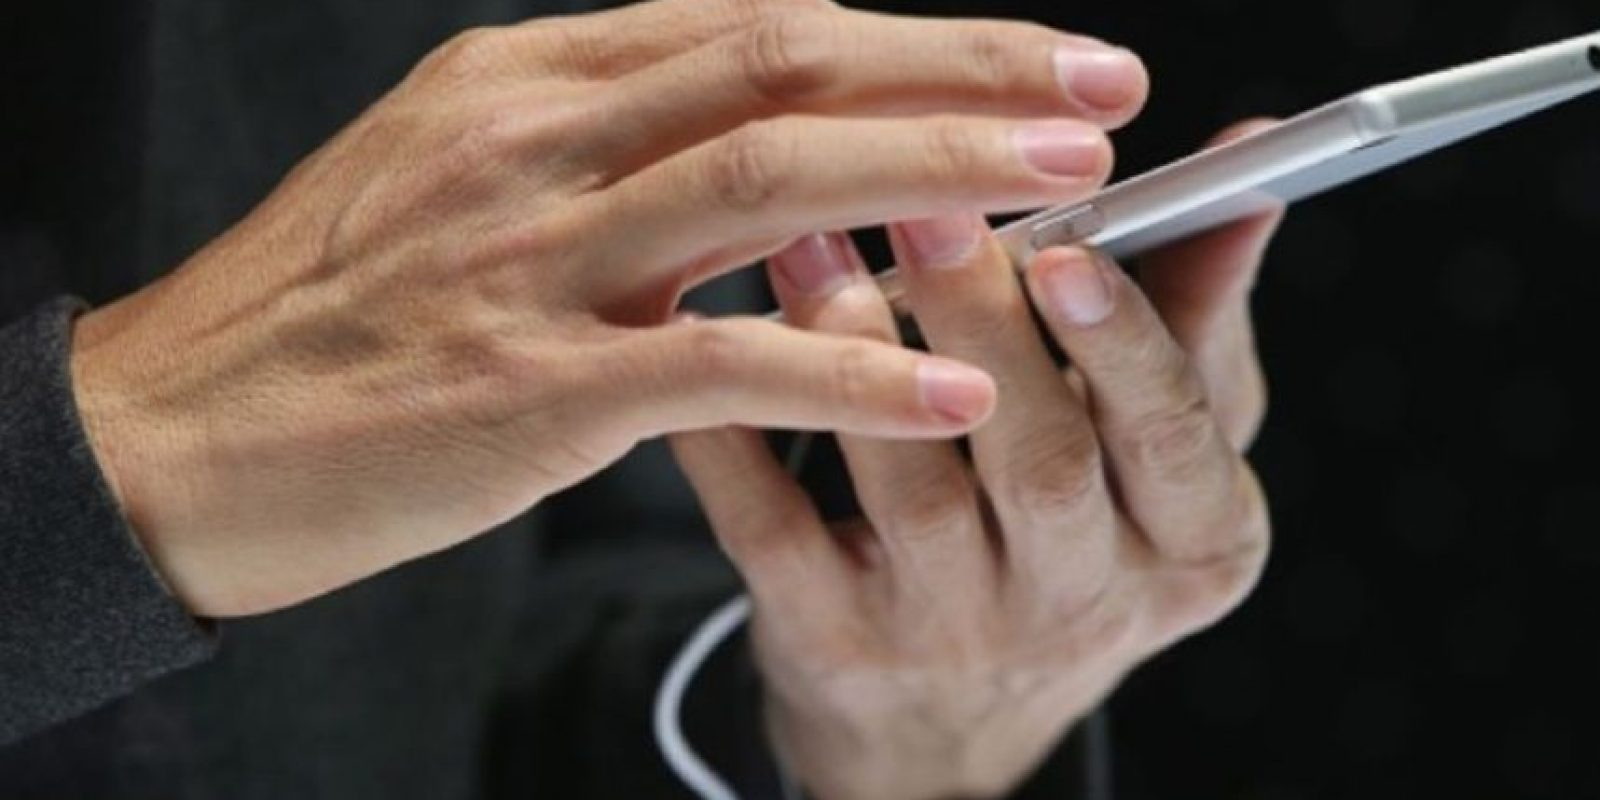 Para aislar el problema, pueden probar con otro equipo. Usen el cable USB que venía con su dispositivo u otro cable USB de Apple, conecten el cable directamente a un puerto USB distinto de la computadora (no lo conecten al teclado) o prueben con una computadora distinta. Foto:Getty Images